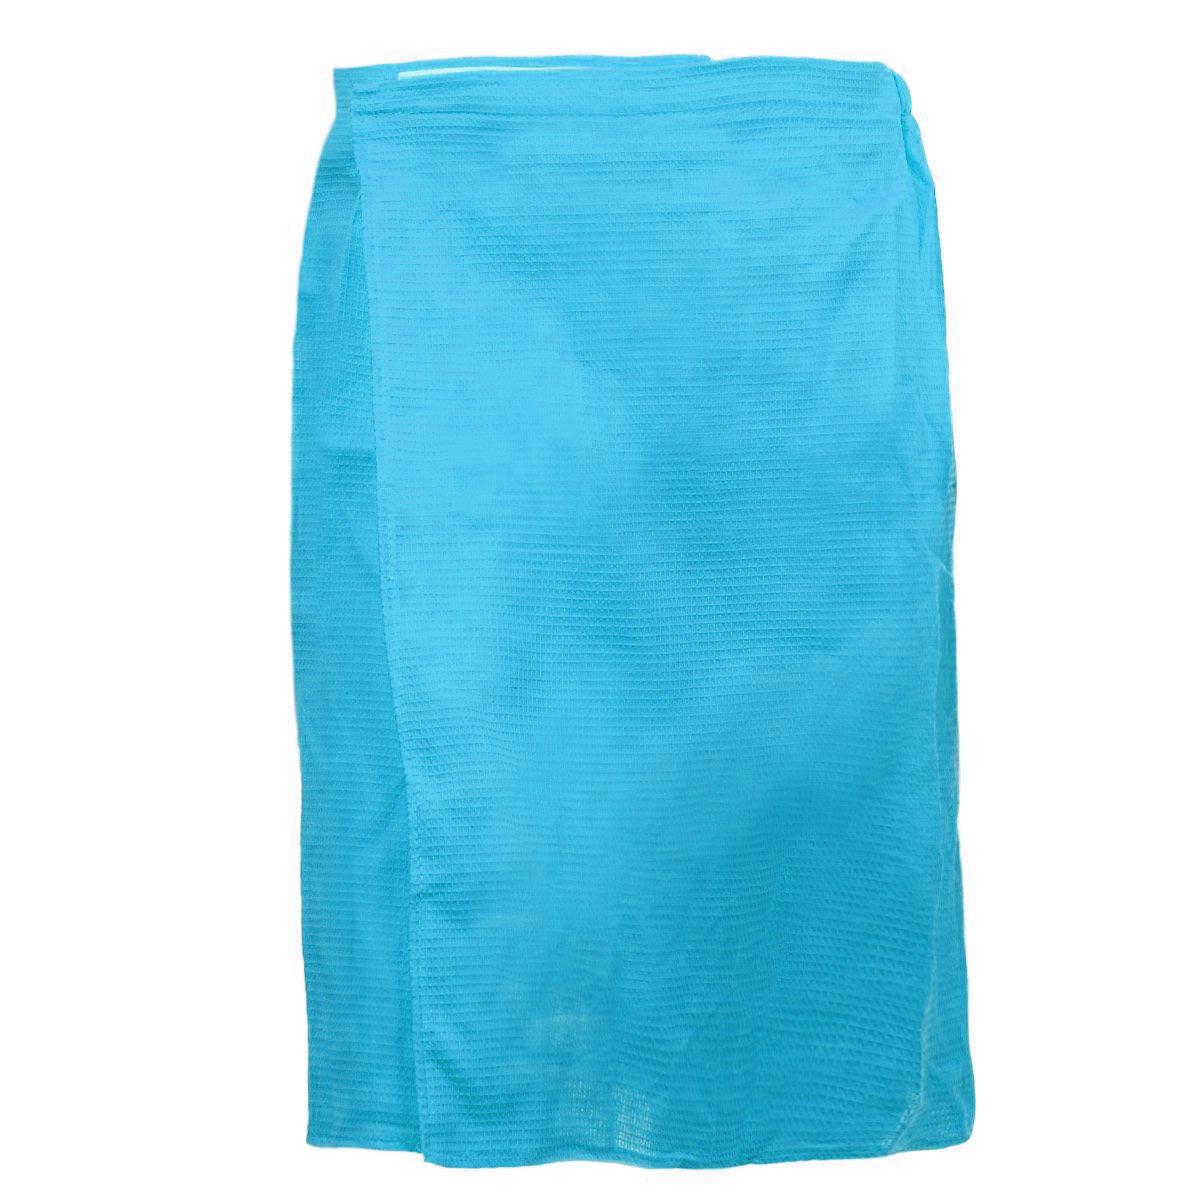 Килт для бани и сауны Банные штучки, мужской, цвет: голубойK100Вафельный килт для бани и сауны Банные штучки, выполненный из натурального хлопка, привлечет внимание любителей модных тенденций в банной одежде.Килт - это многофункциональное полотенце специального покроя с резинкой и застежкой. В парилке можно лежать на нем, после душа вытираться, а во время отдыха использовать как удобную накидку. Длина килта: 60 см.Ширина килта: 145 см.Размер: 36-60.